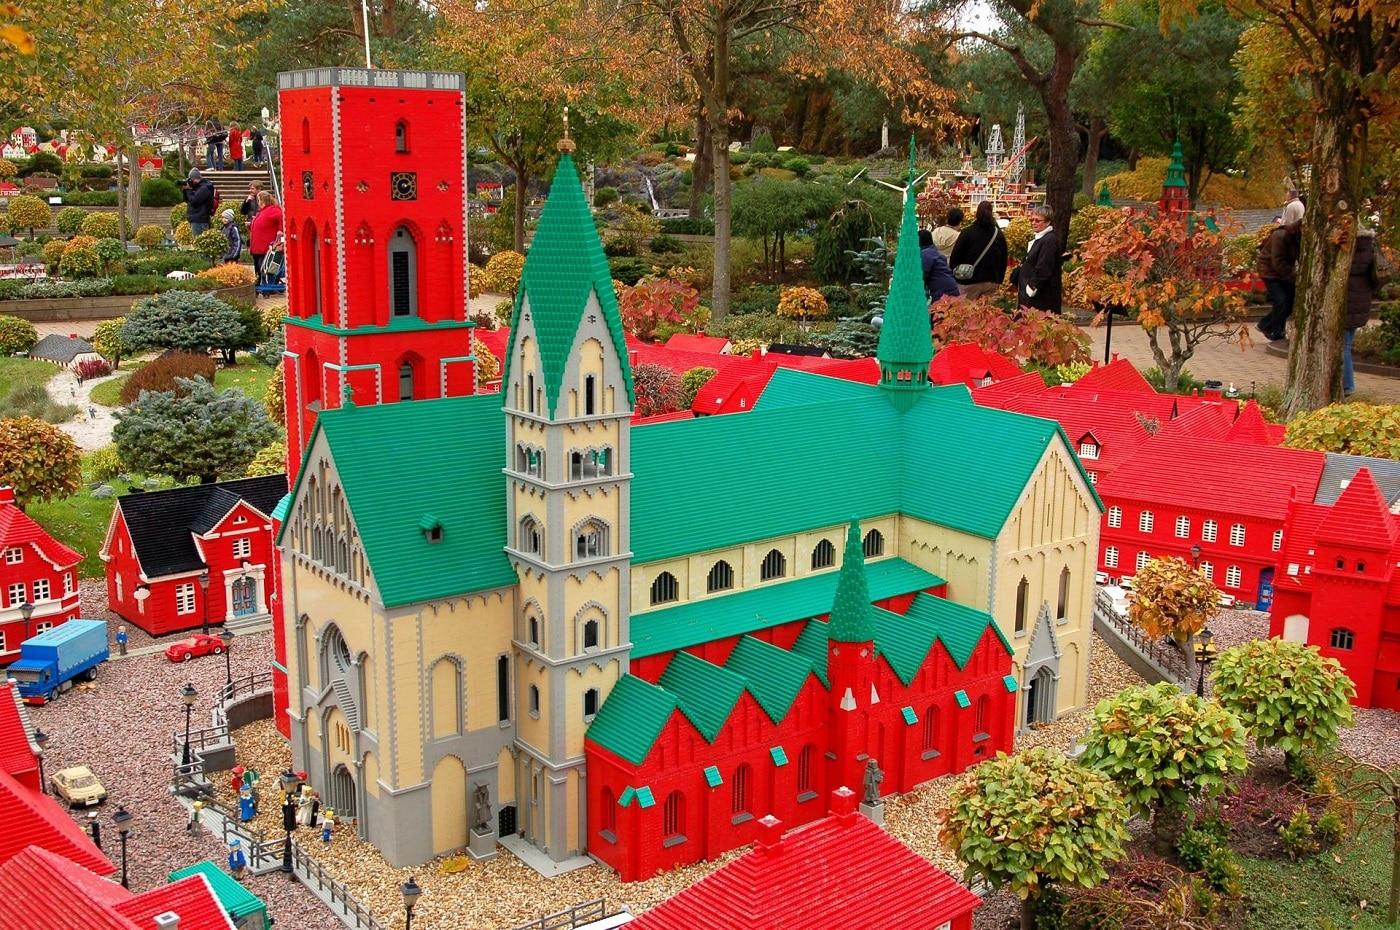 Parcul Legoland este o încântare pentru cei mari și cei mici deopotrivă